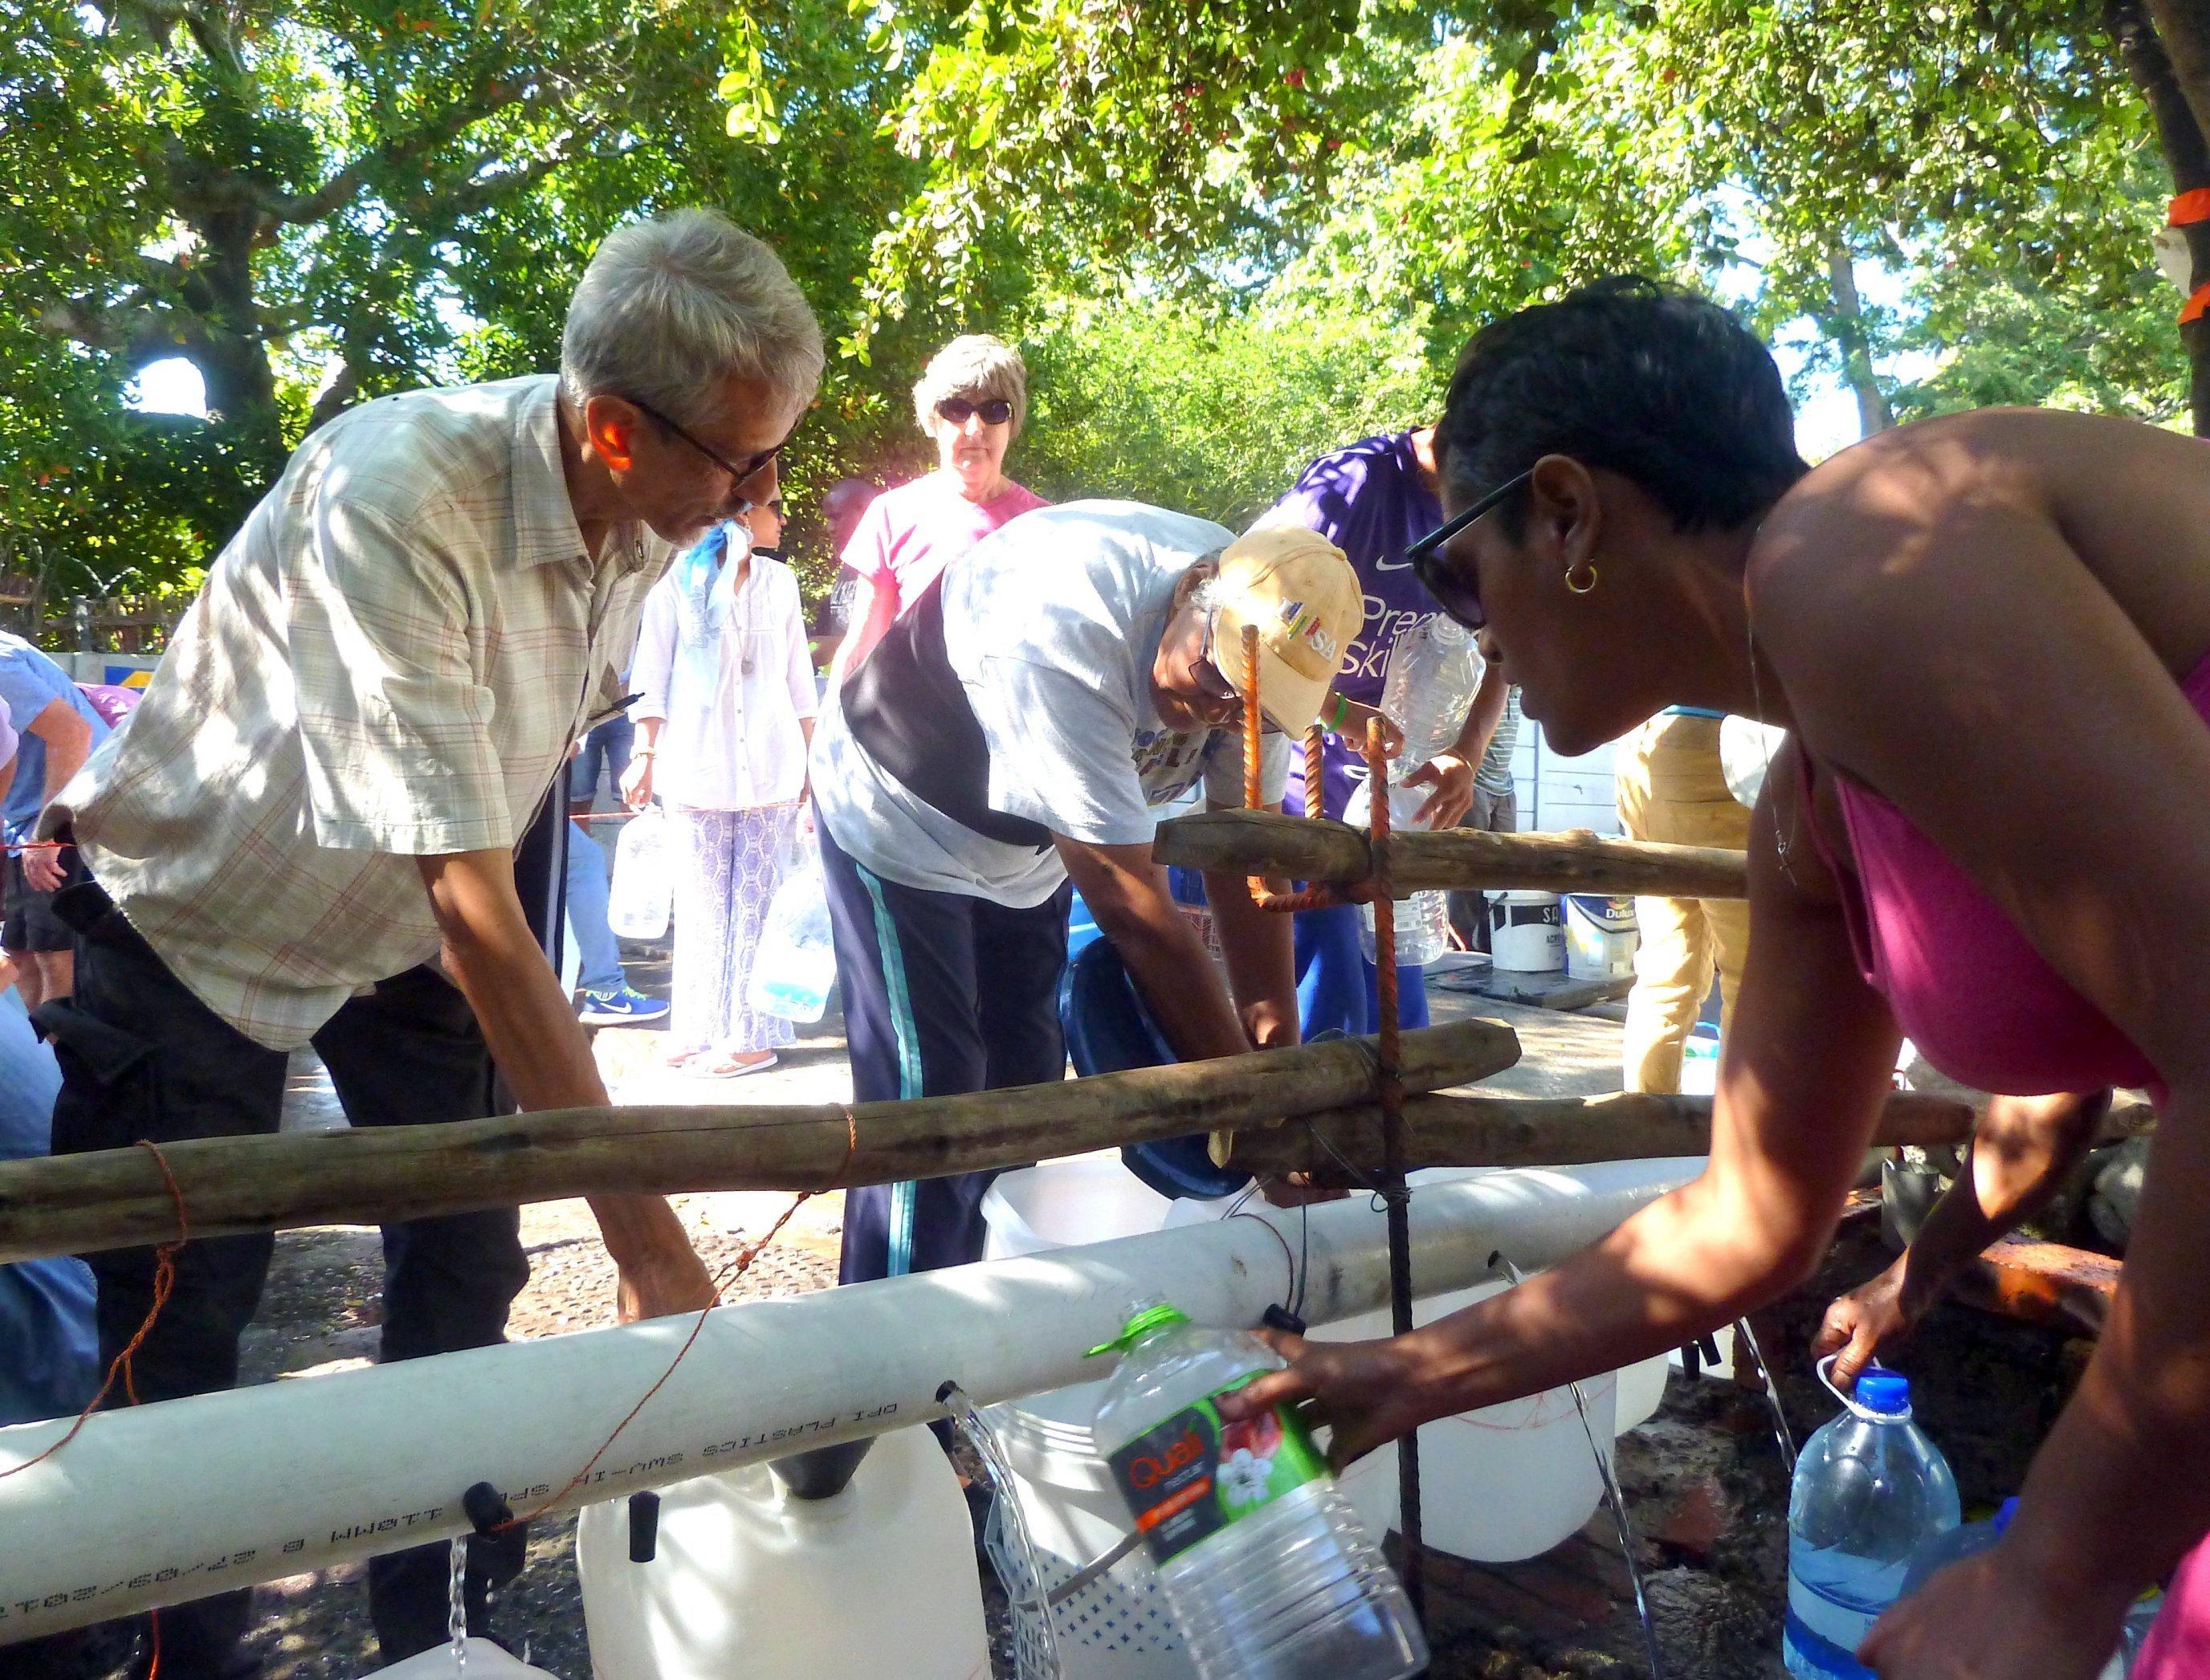 Männer und Frauen zapfen Quellwasser in mitgebrachte Behälter, andere warten bis sie an der Reihe sind